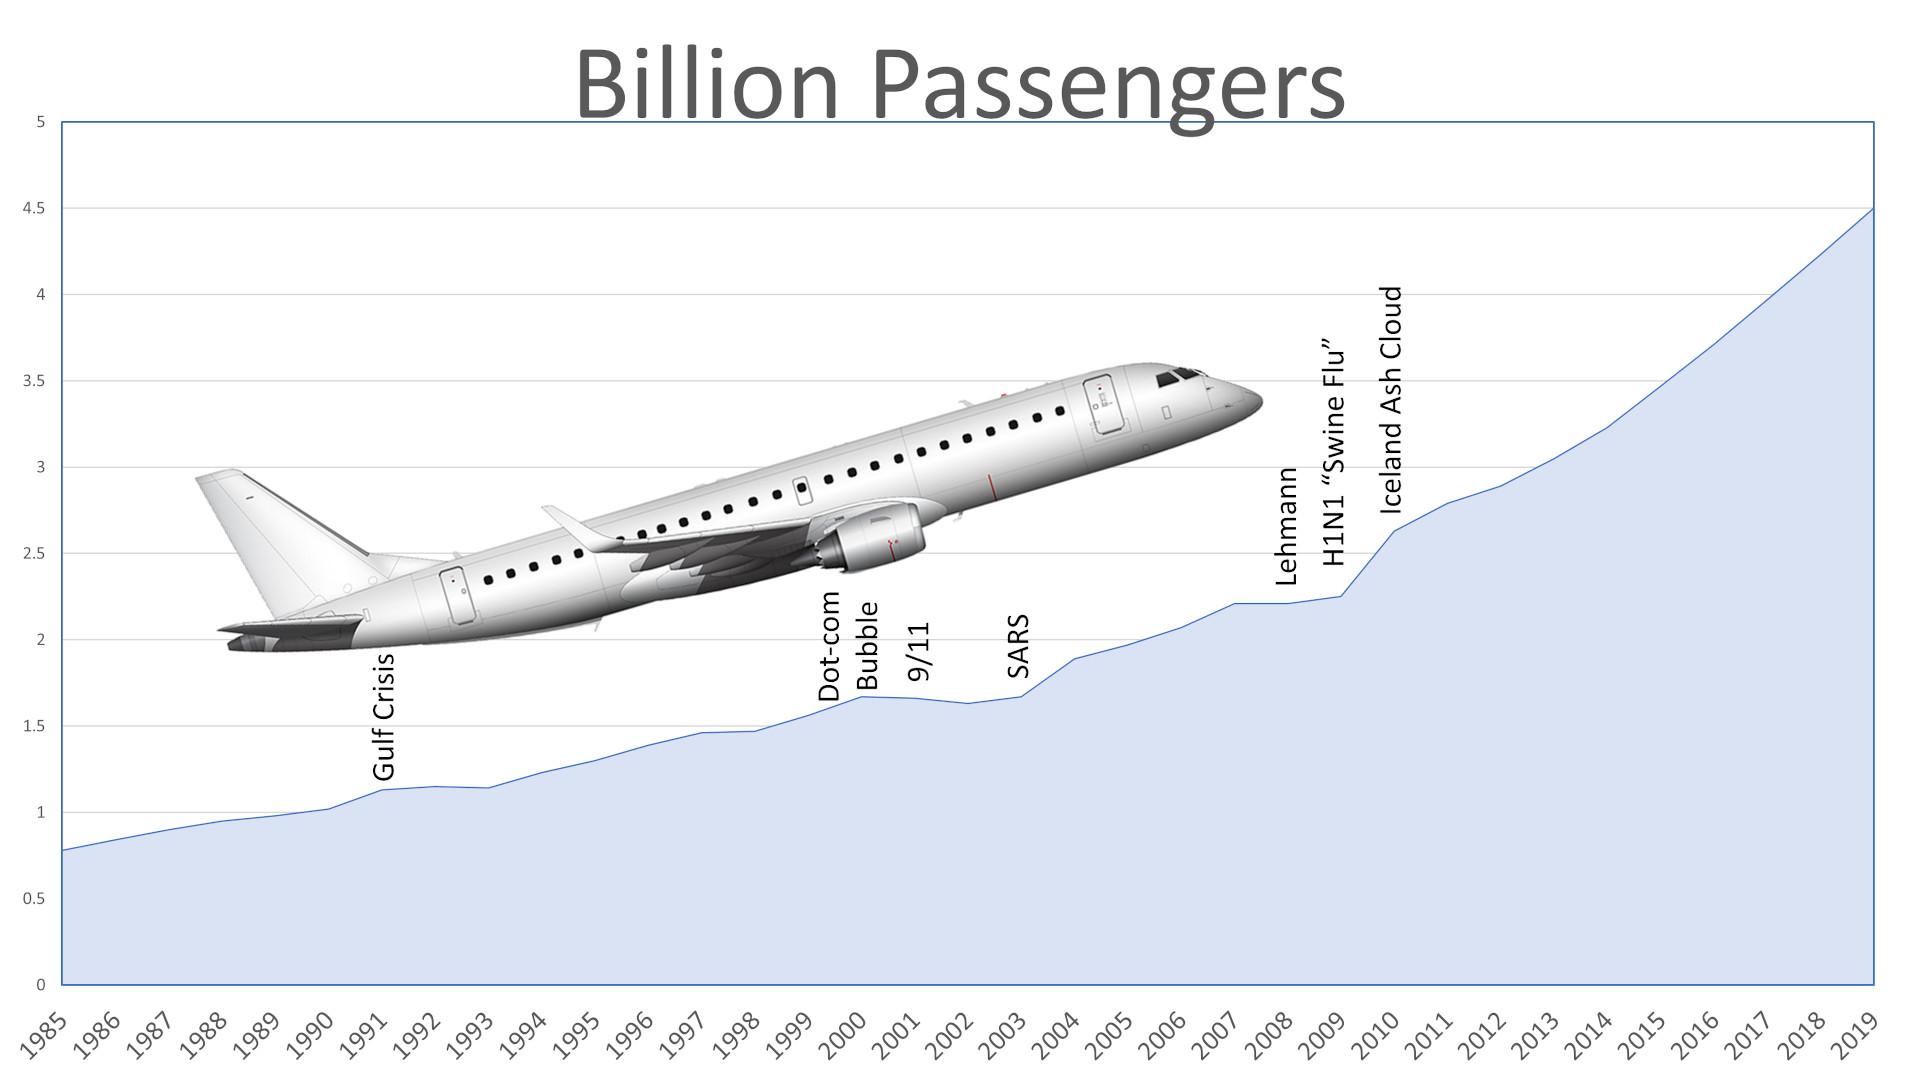 Passenger Development + Setbacks 1985-2019